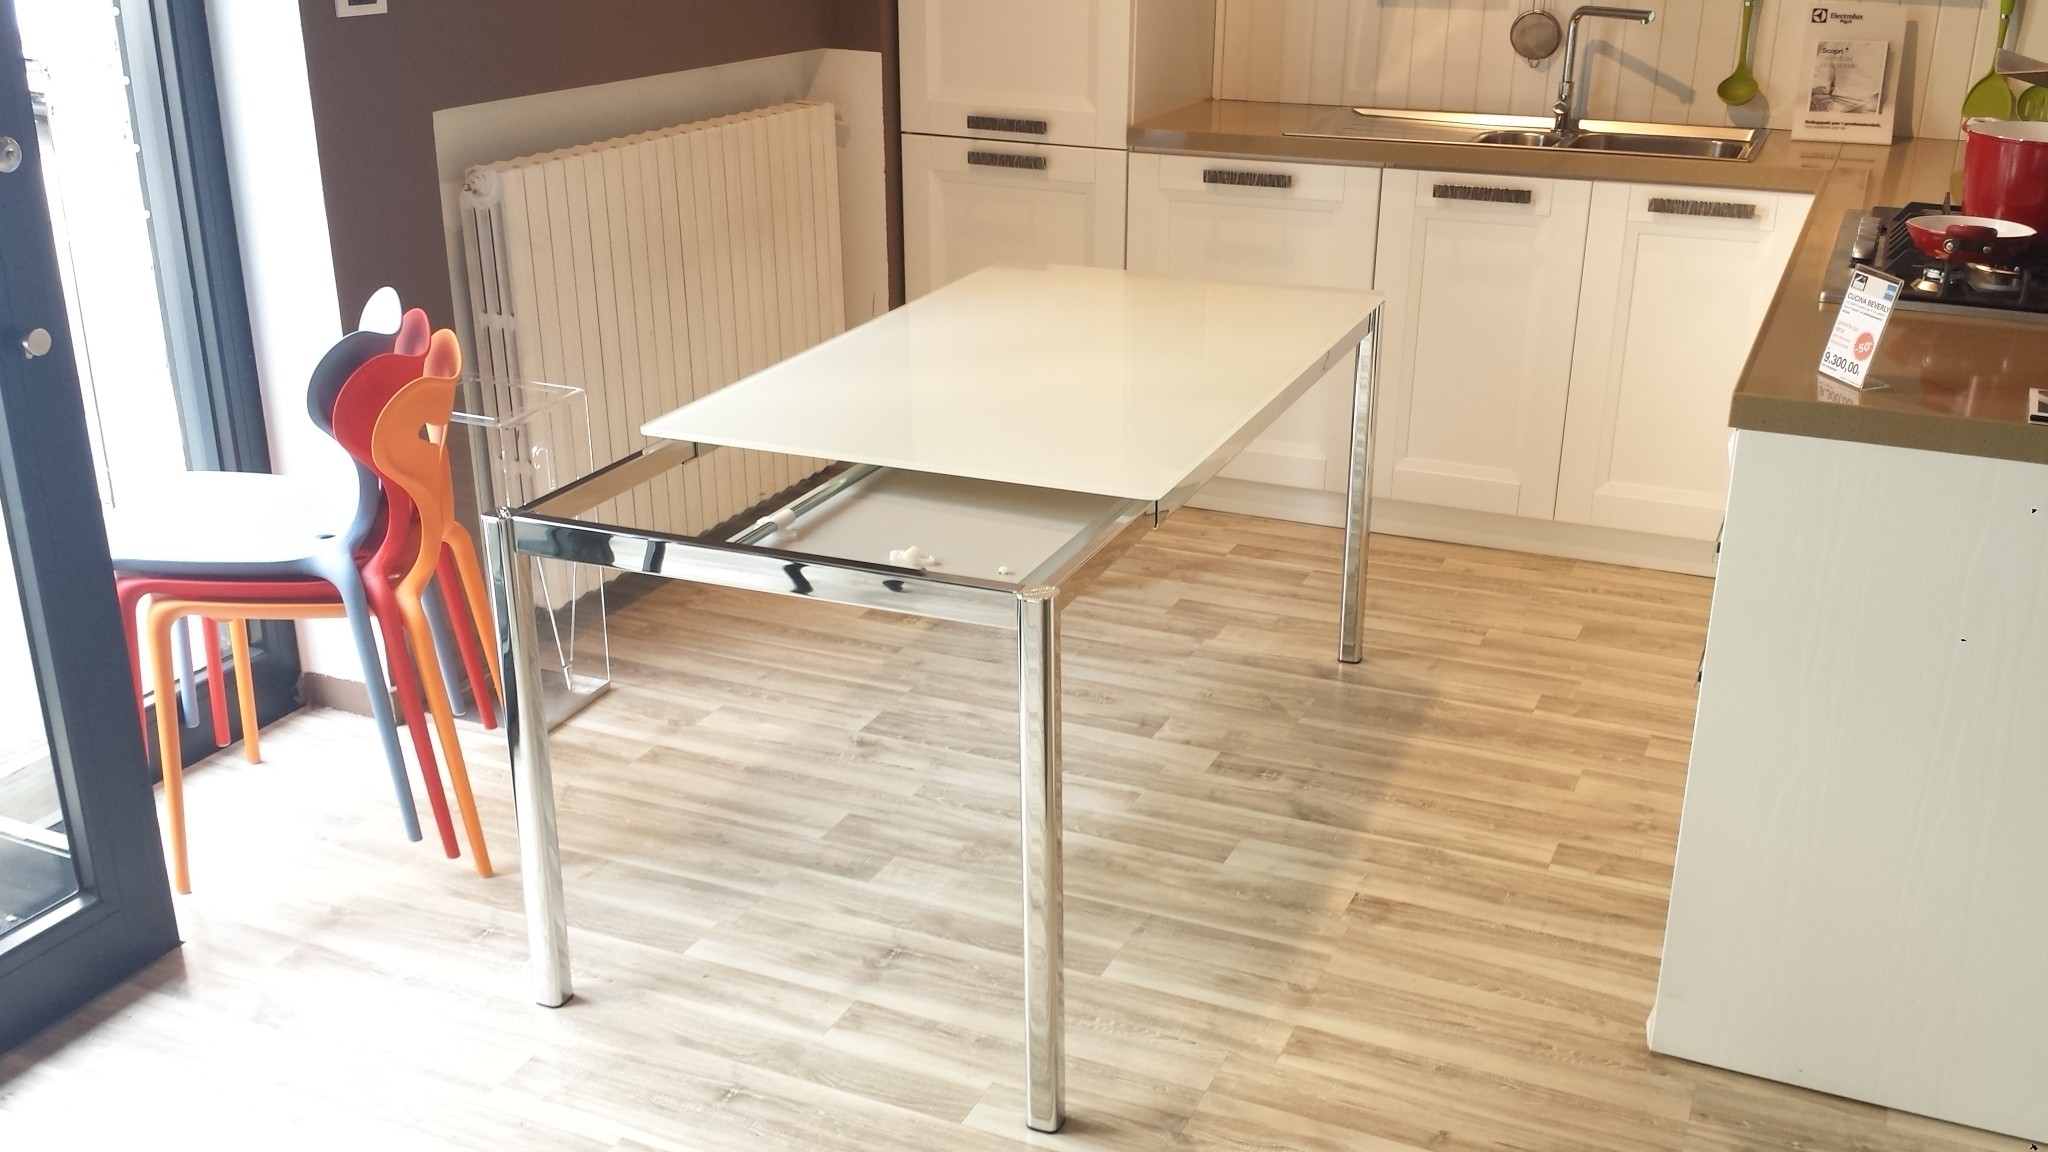 Tavolo da cucina allungabile performance tavoli a prezzi scontati - Tavolo a scomparsa per cucina ...